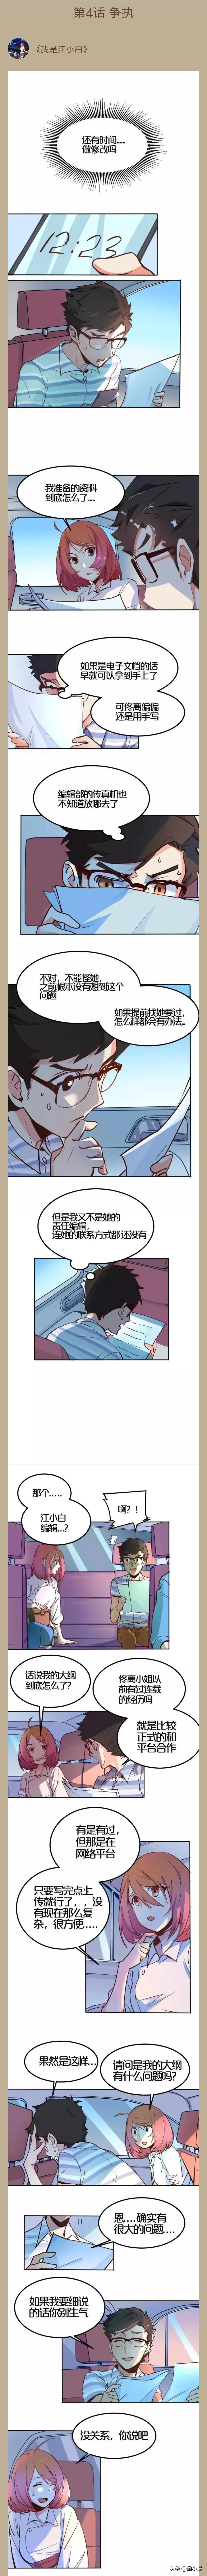 全彩小说漫画连载《我是江小白》第04话-争执